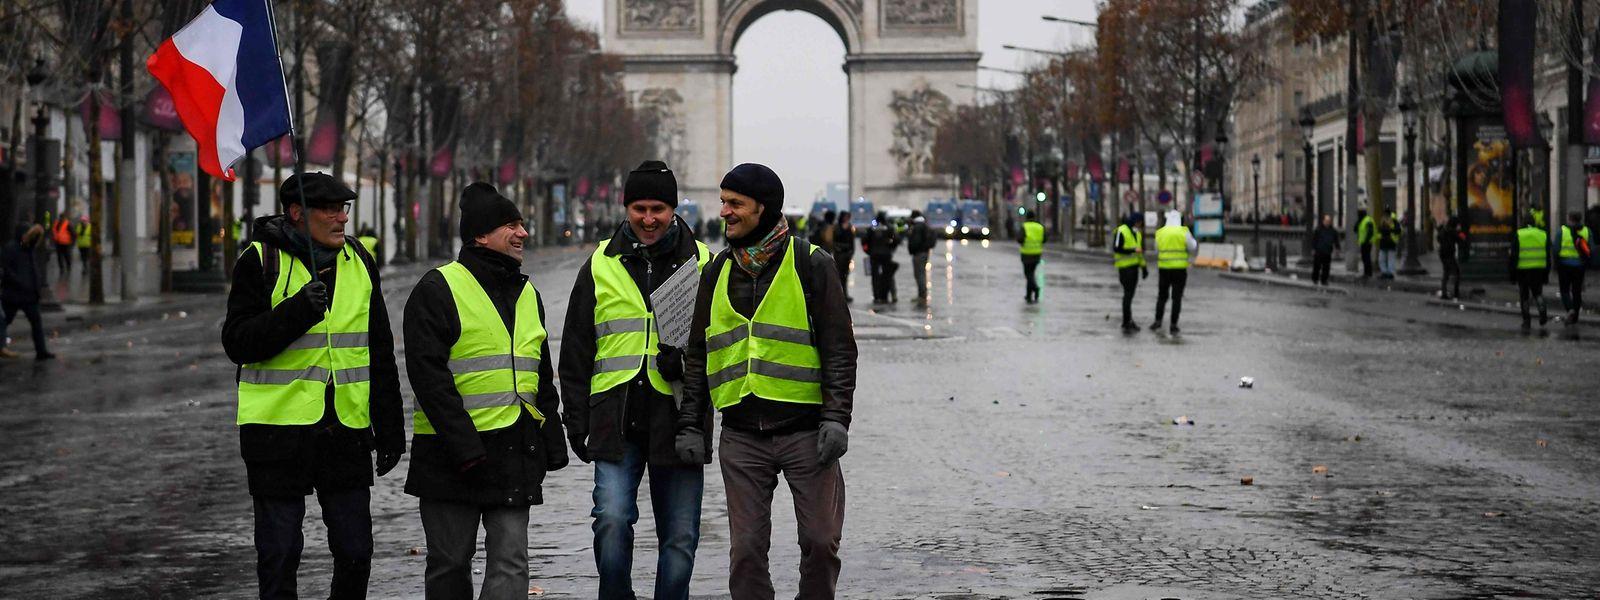 Bei den Protesten am Samstag wurden etwa 90 Personen festgenommen.